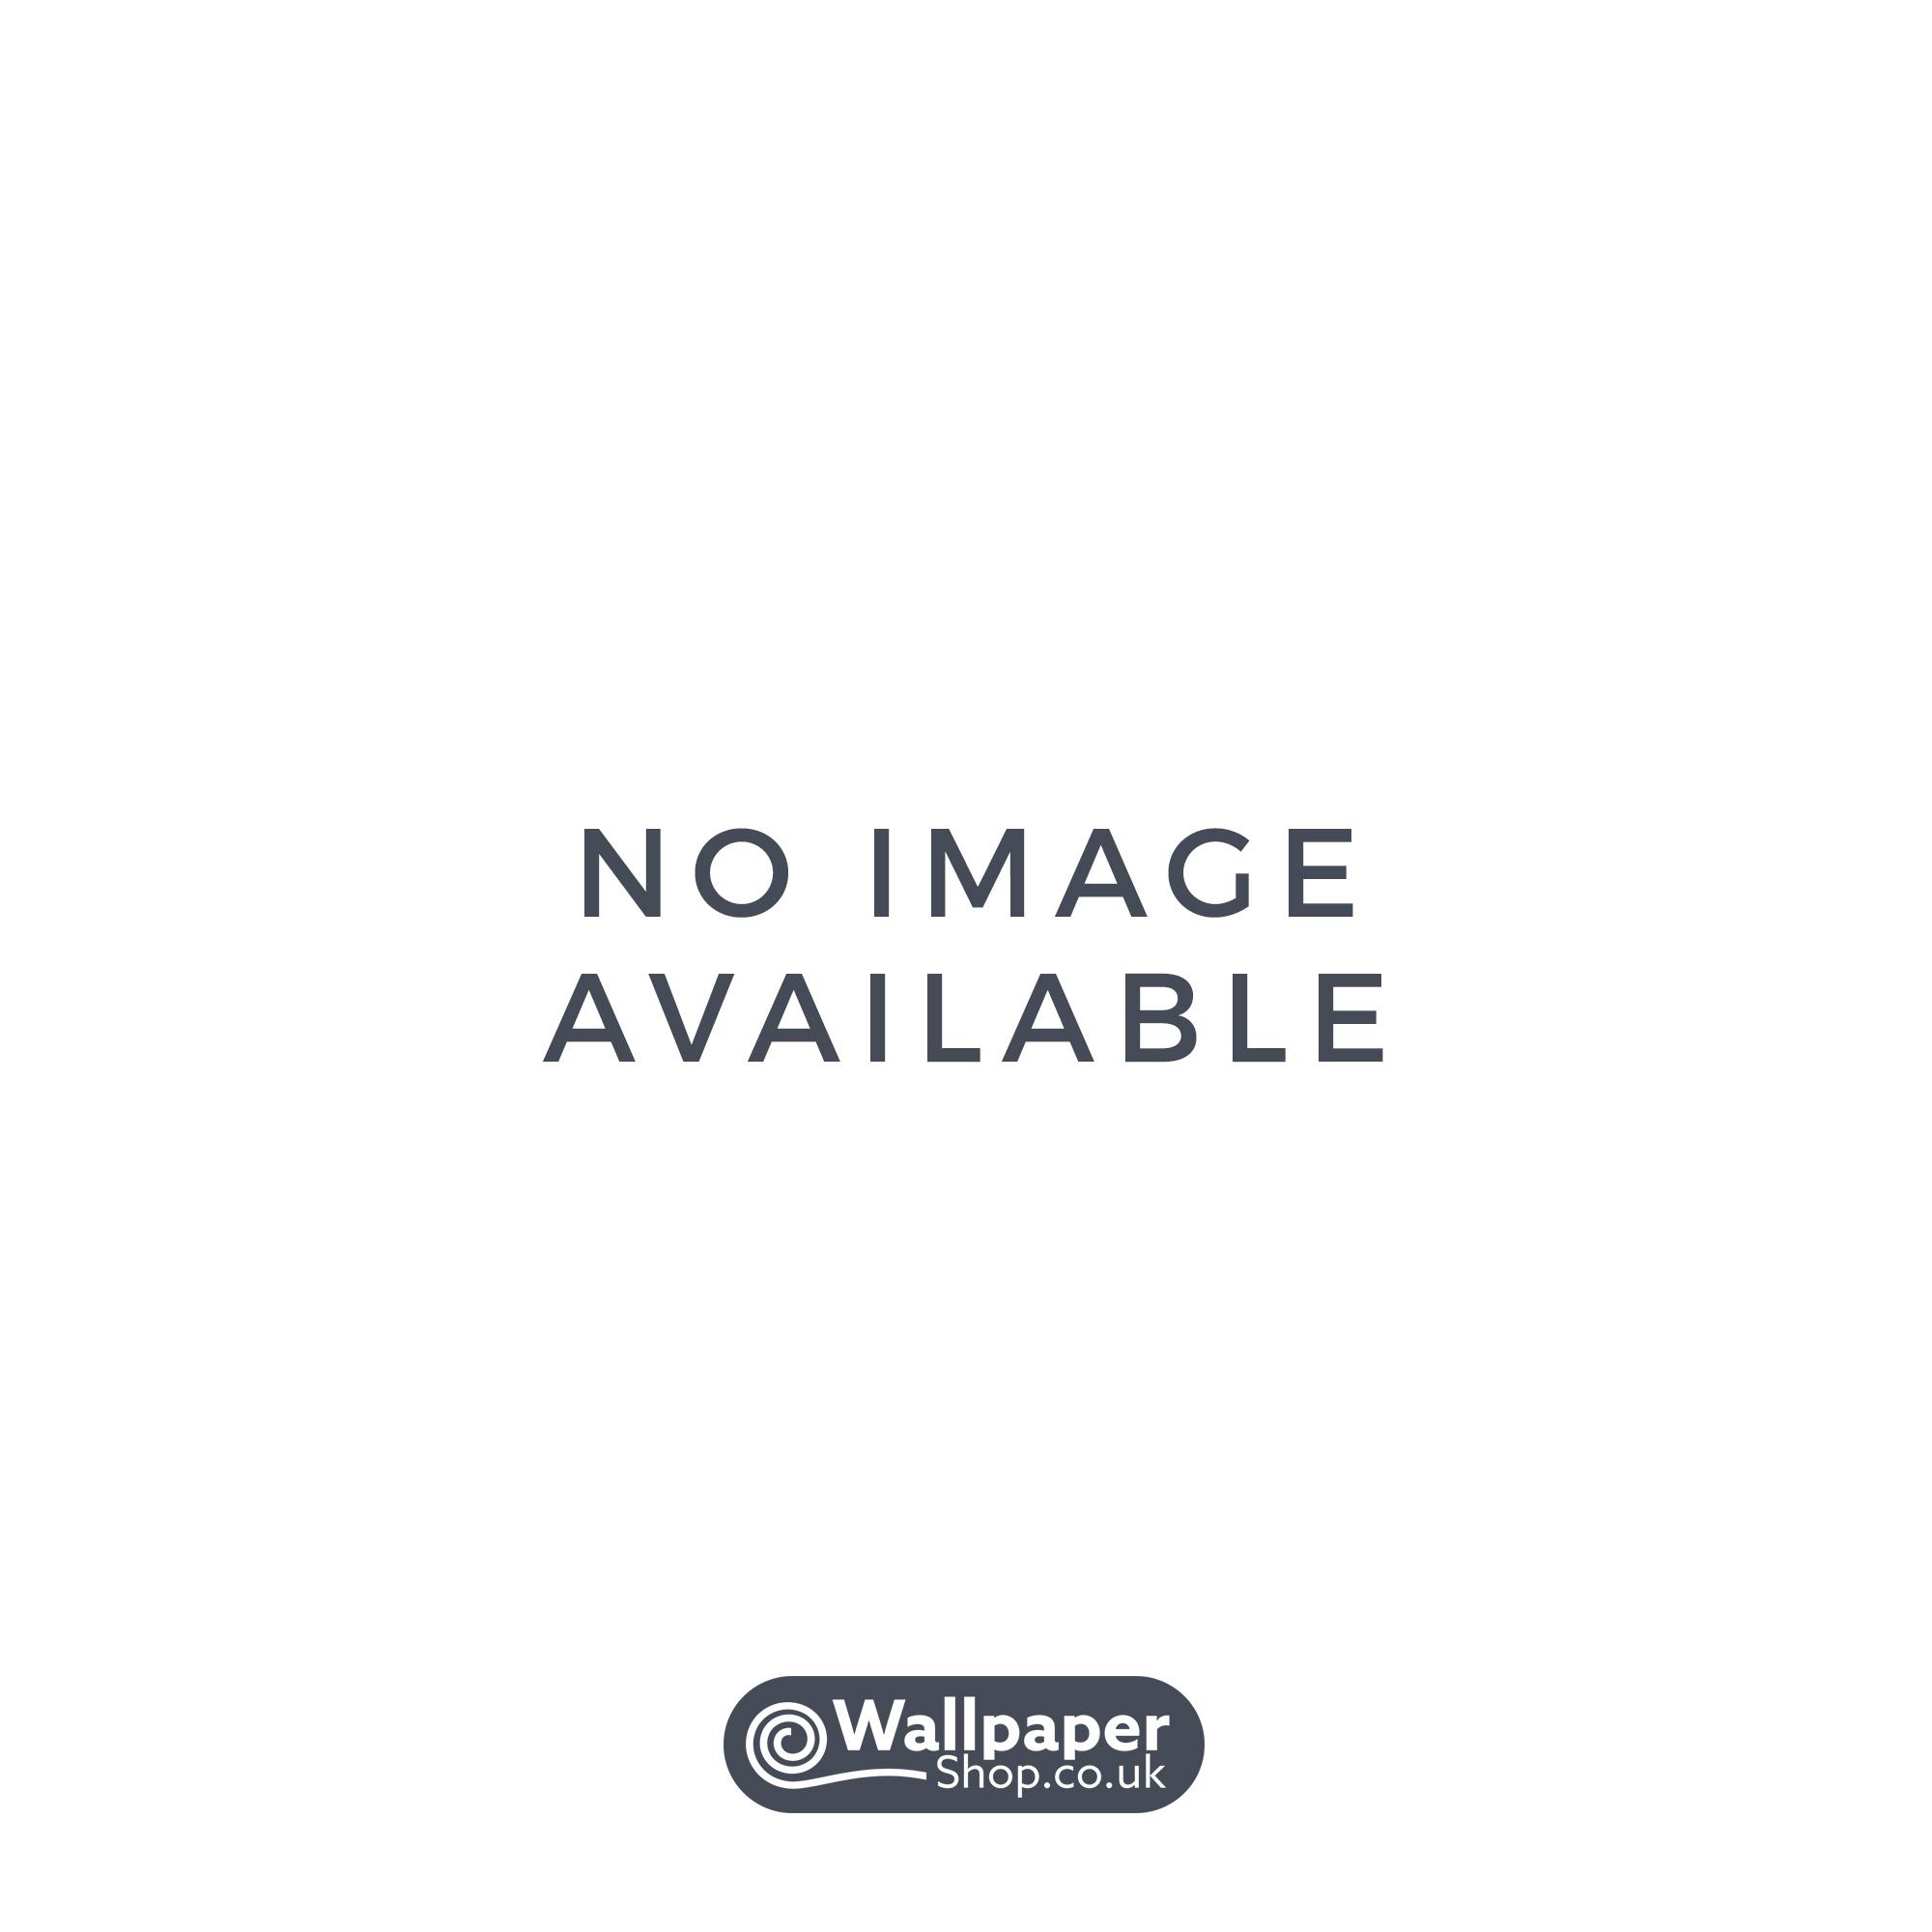 Rasch 3D Effect Maze Matrix Lines Wallpaper Black Metallic Geometric Circles